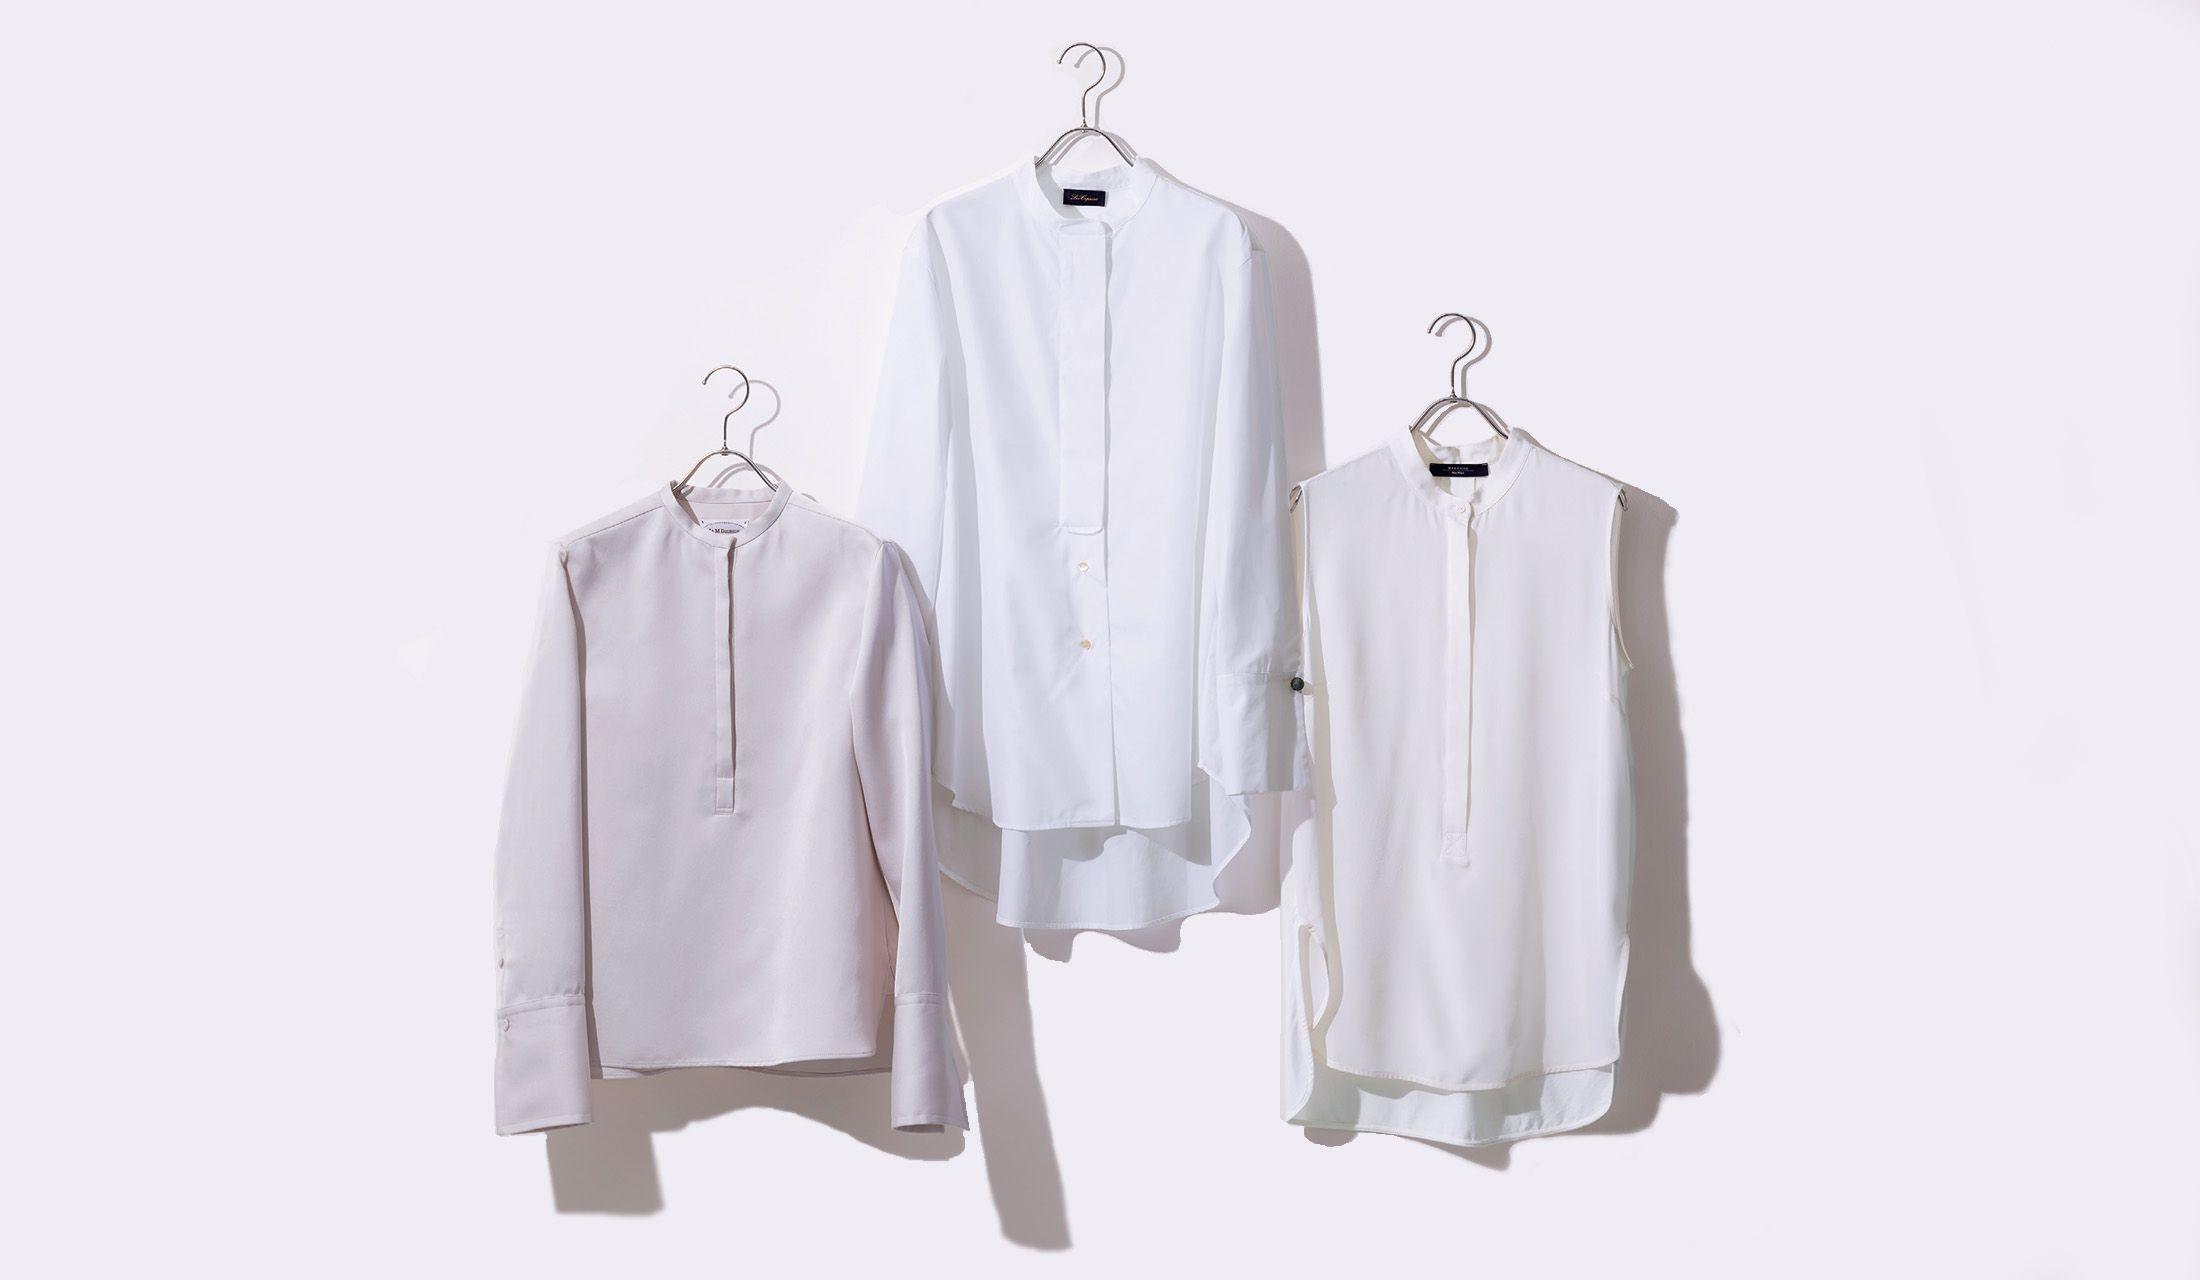 マックスマーラ、レ・コパン、J&M デヴィッドソンのバンドカラーシャツ